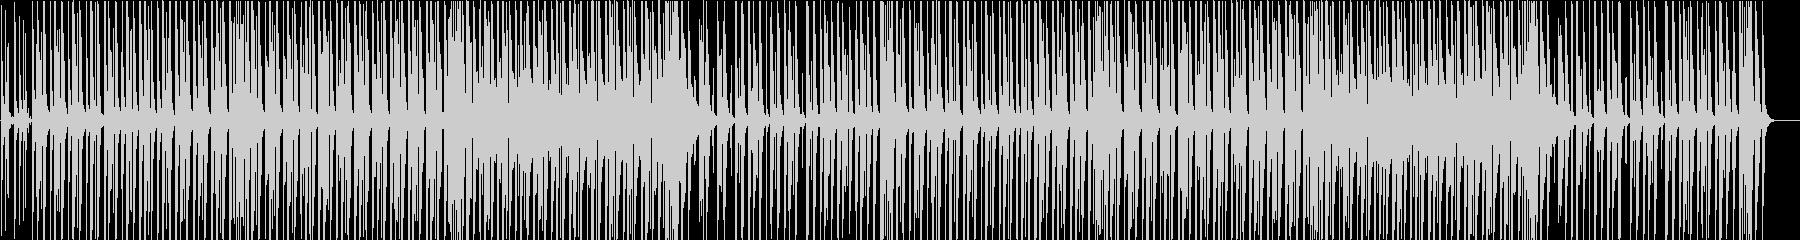 ウキウキでワクワクなピアノの軽快ブルースの未再生の波形